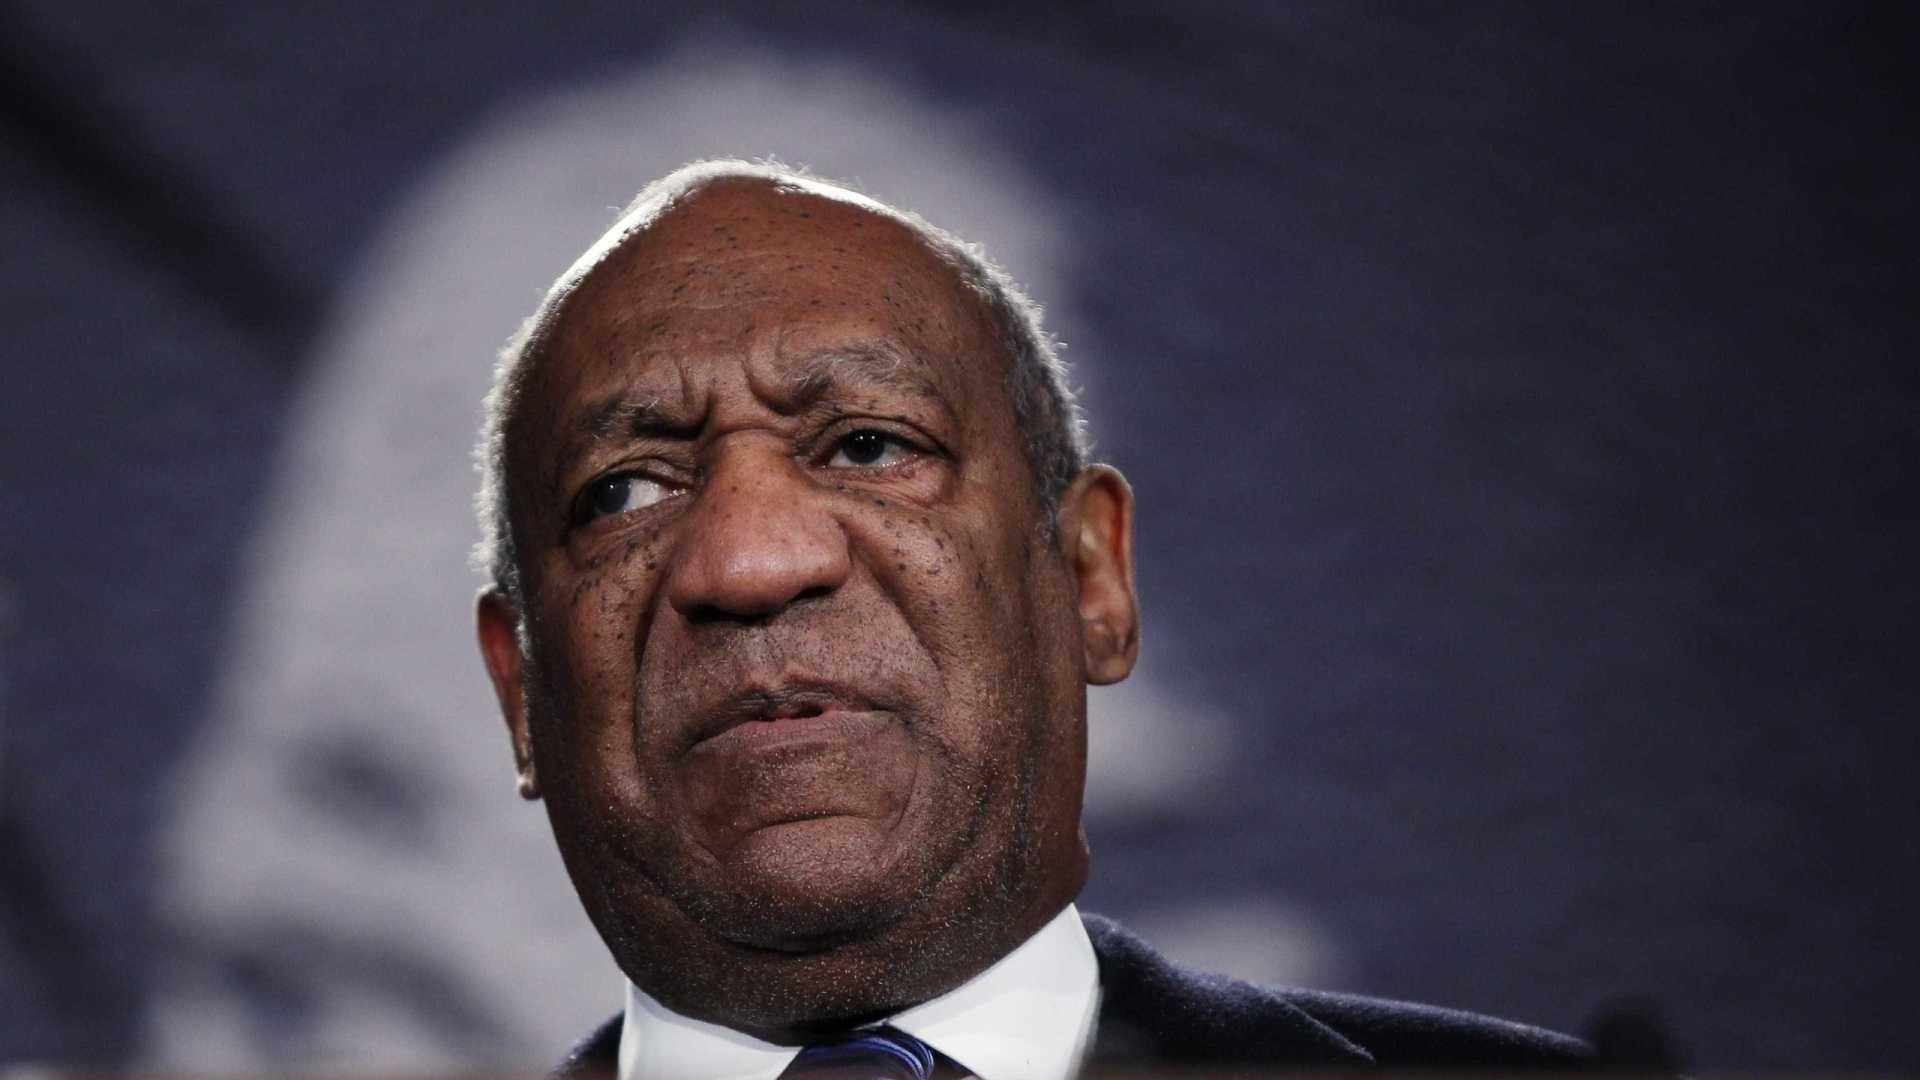 bill cosby - Bill Cosby é considerado culpado por drogar e molestar mulher nos EUA